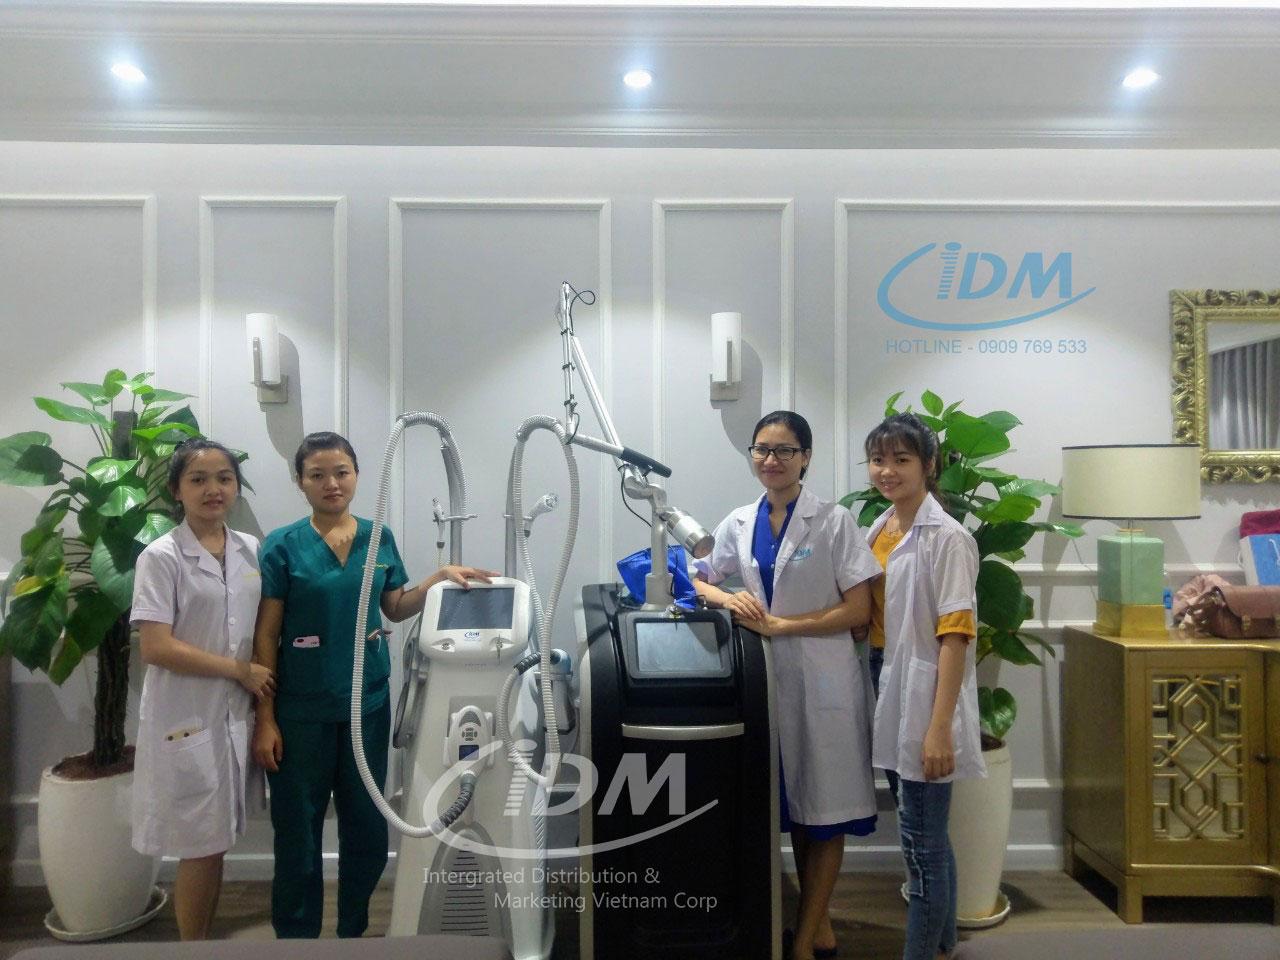 IDM là nhà cung cấp các loại máy giảm béo chất lượng và uy tín tại Việt Nam.